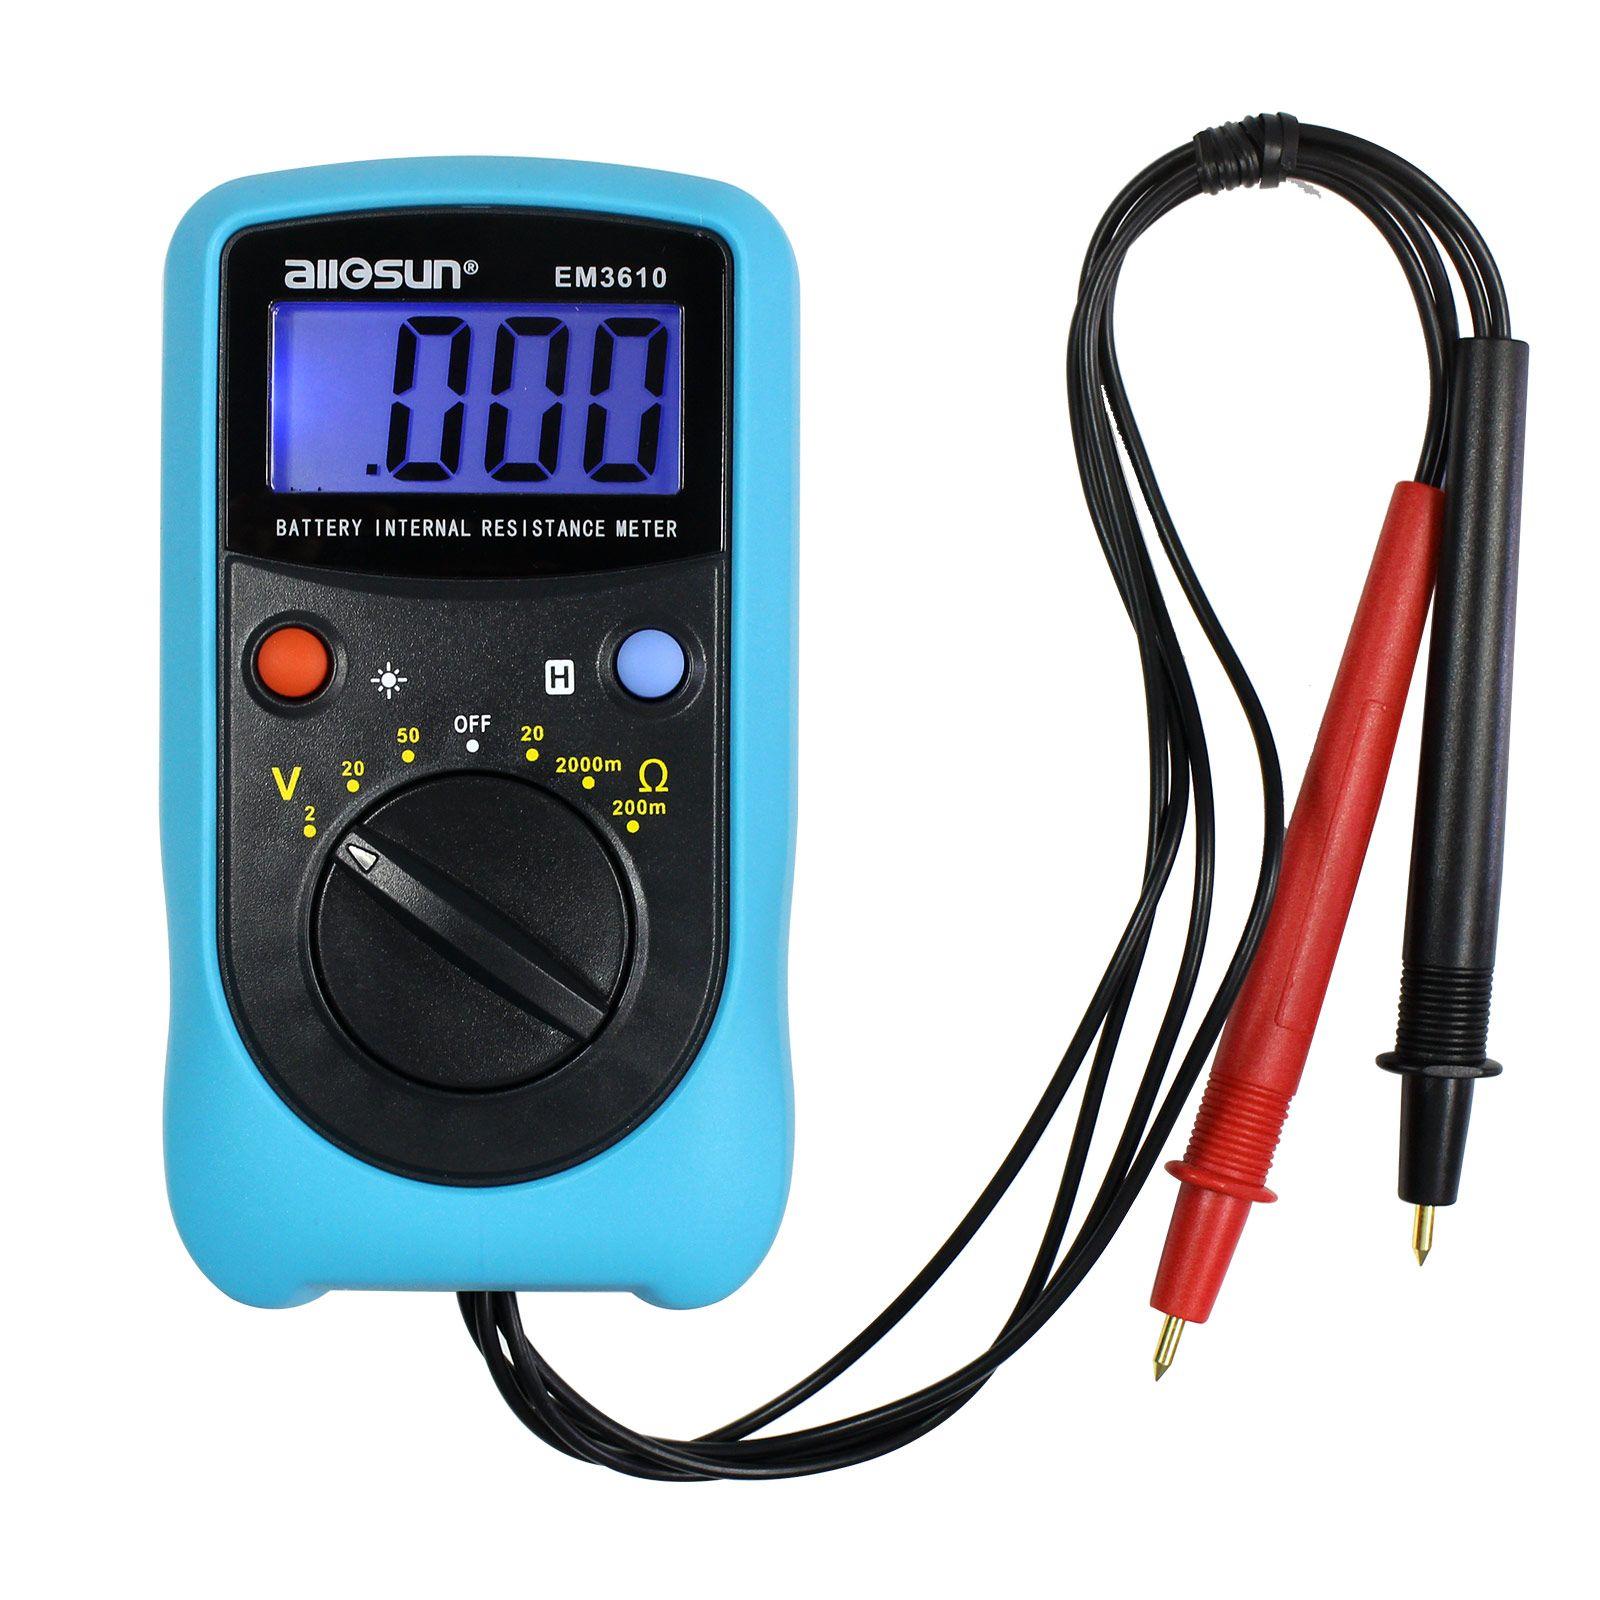 휴대용 배터리 전압 측정기 배터리 내부 저항 시험기 프로 옴 미터 고정밀 배터리 전압 테스터 All-Sun 모델 EM3610